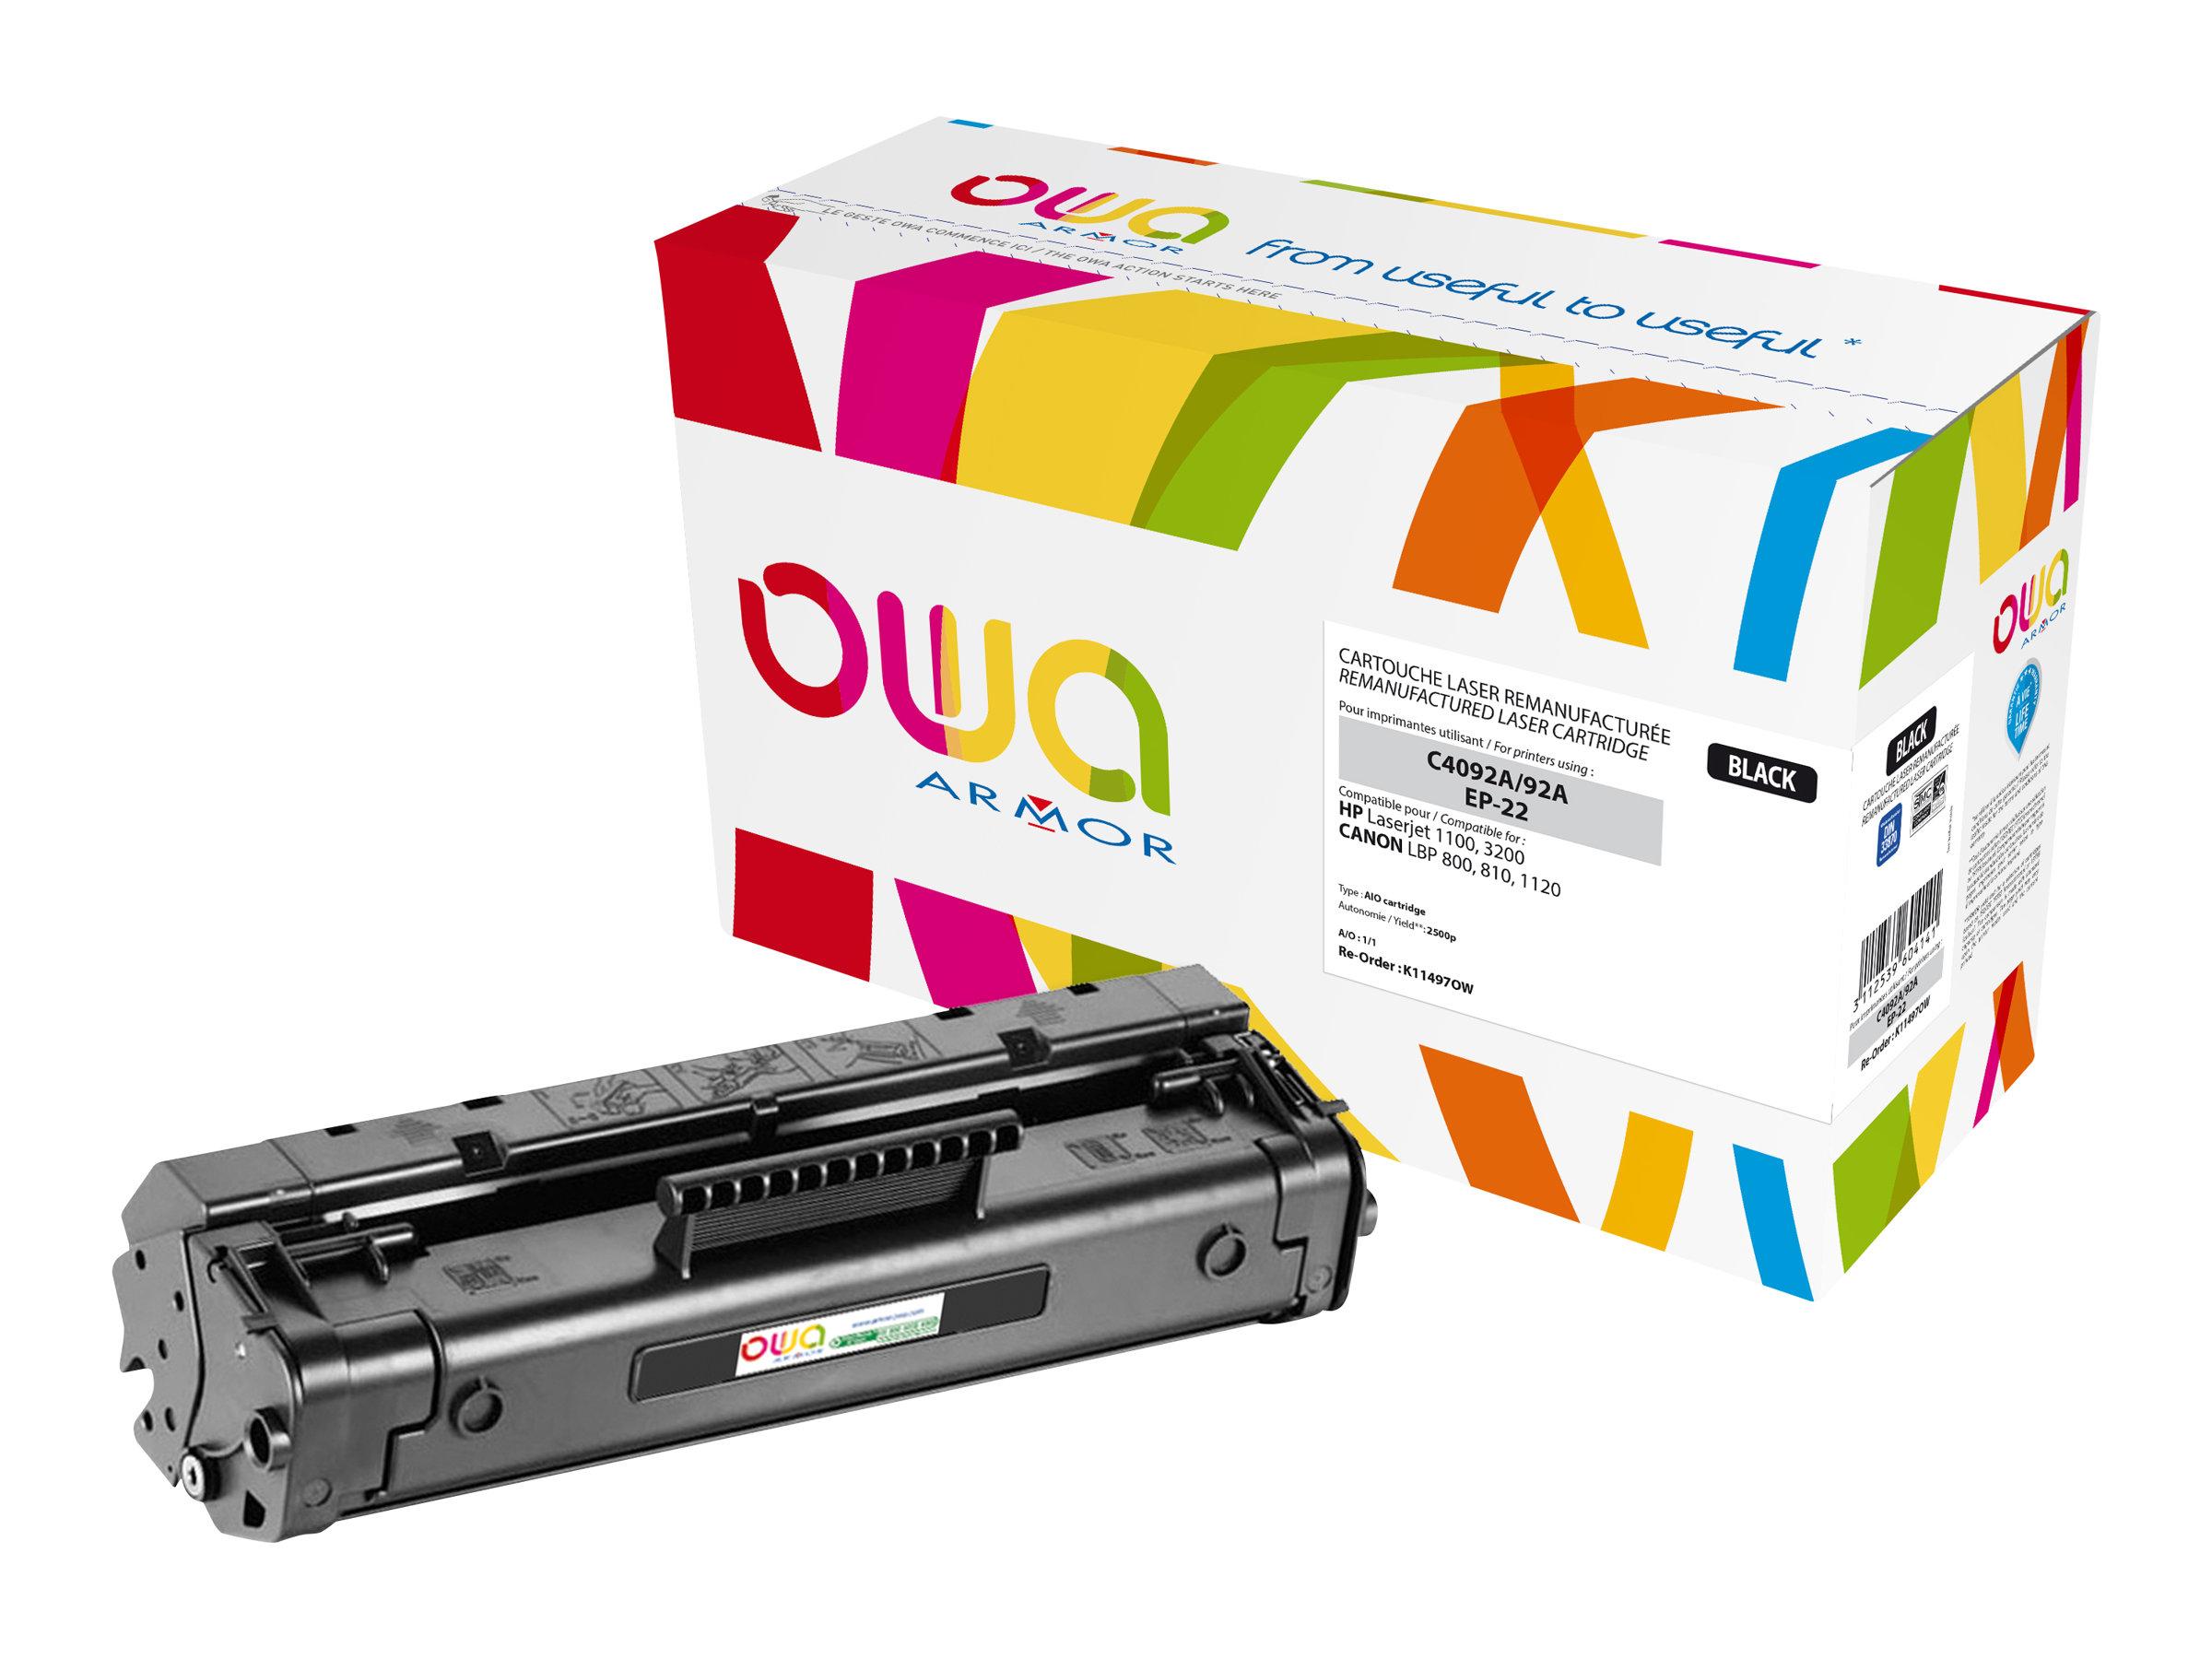 HP 92A - remanufacturé Owa K11497OW - noir - cartouche laser